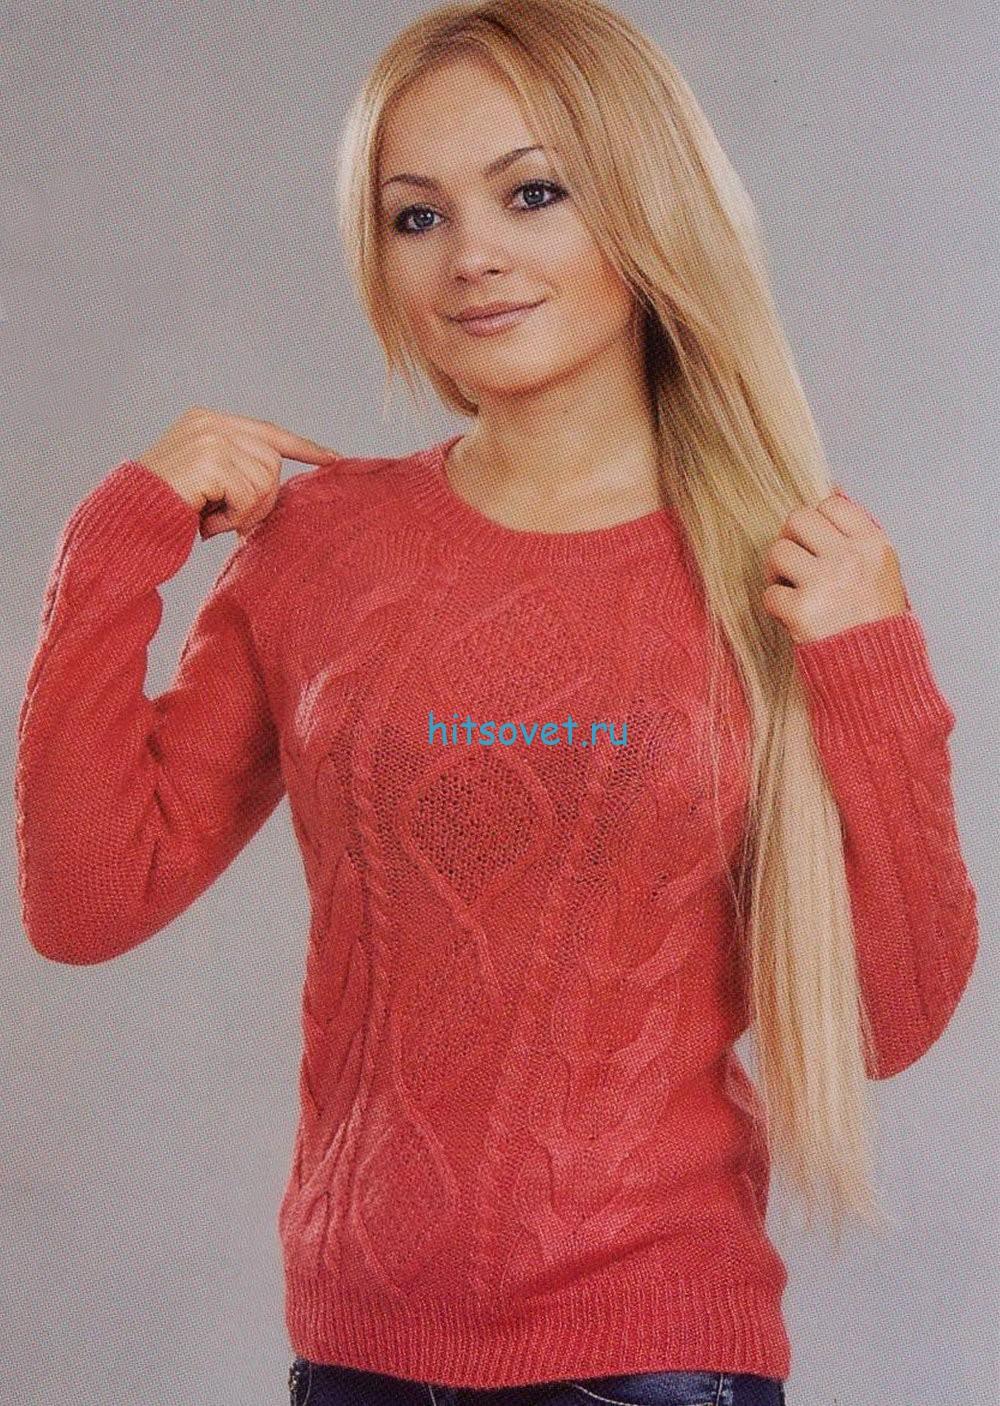 Вязание пуловера с ромбами и жгутами